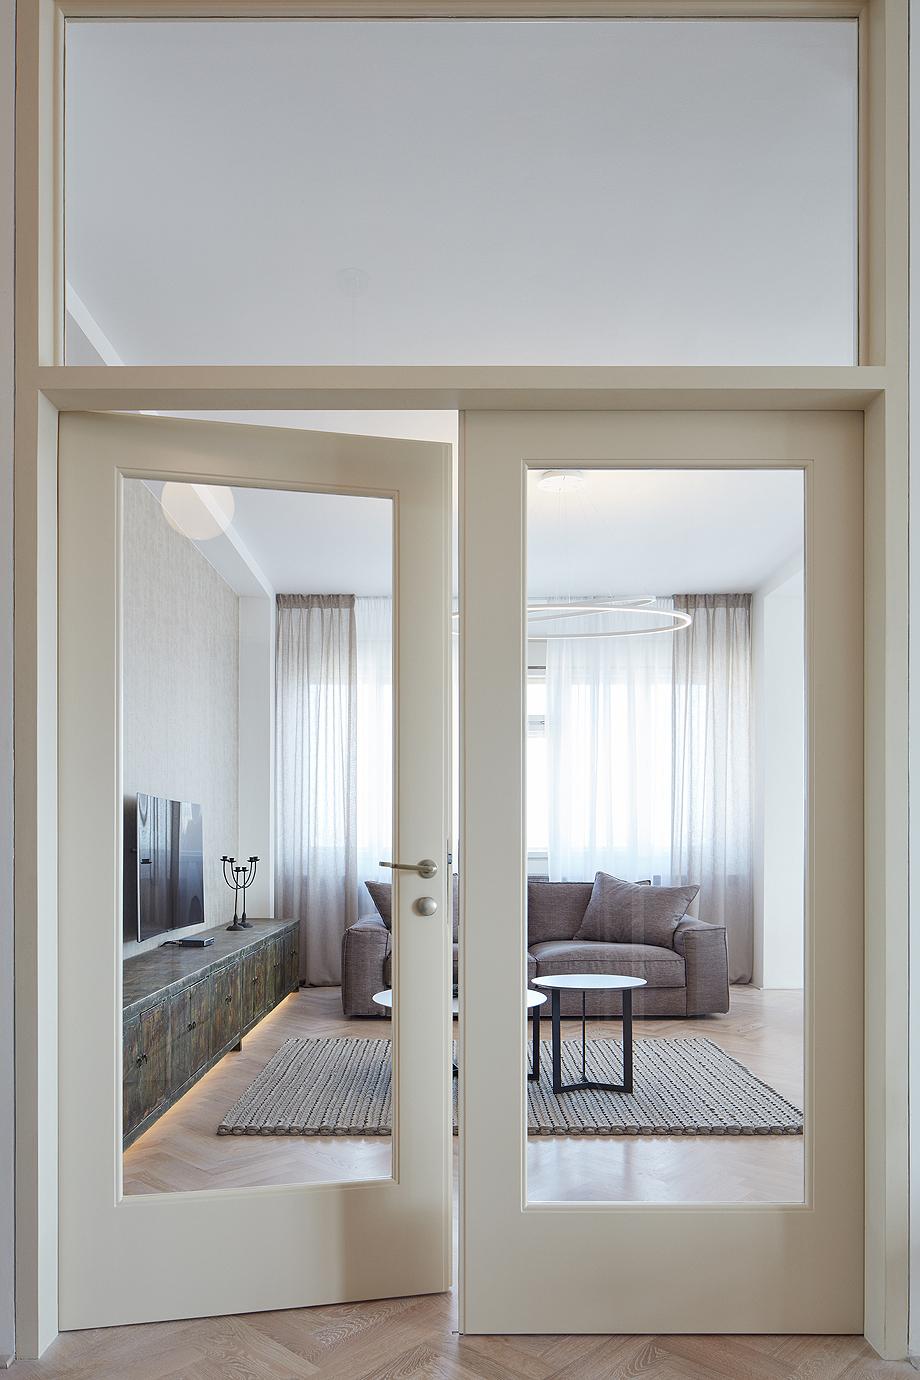 apartamento hamrova letna apartment objectum (11)